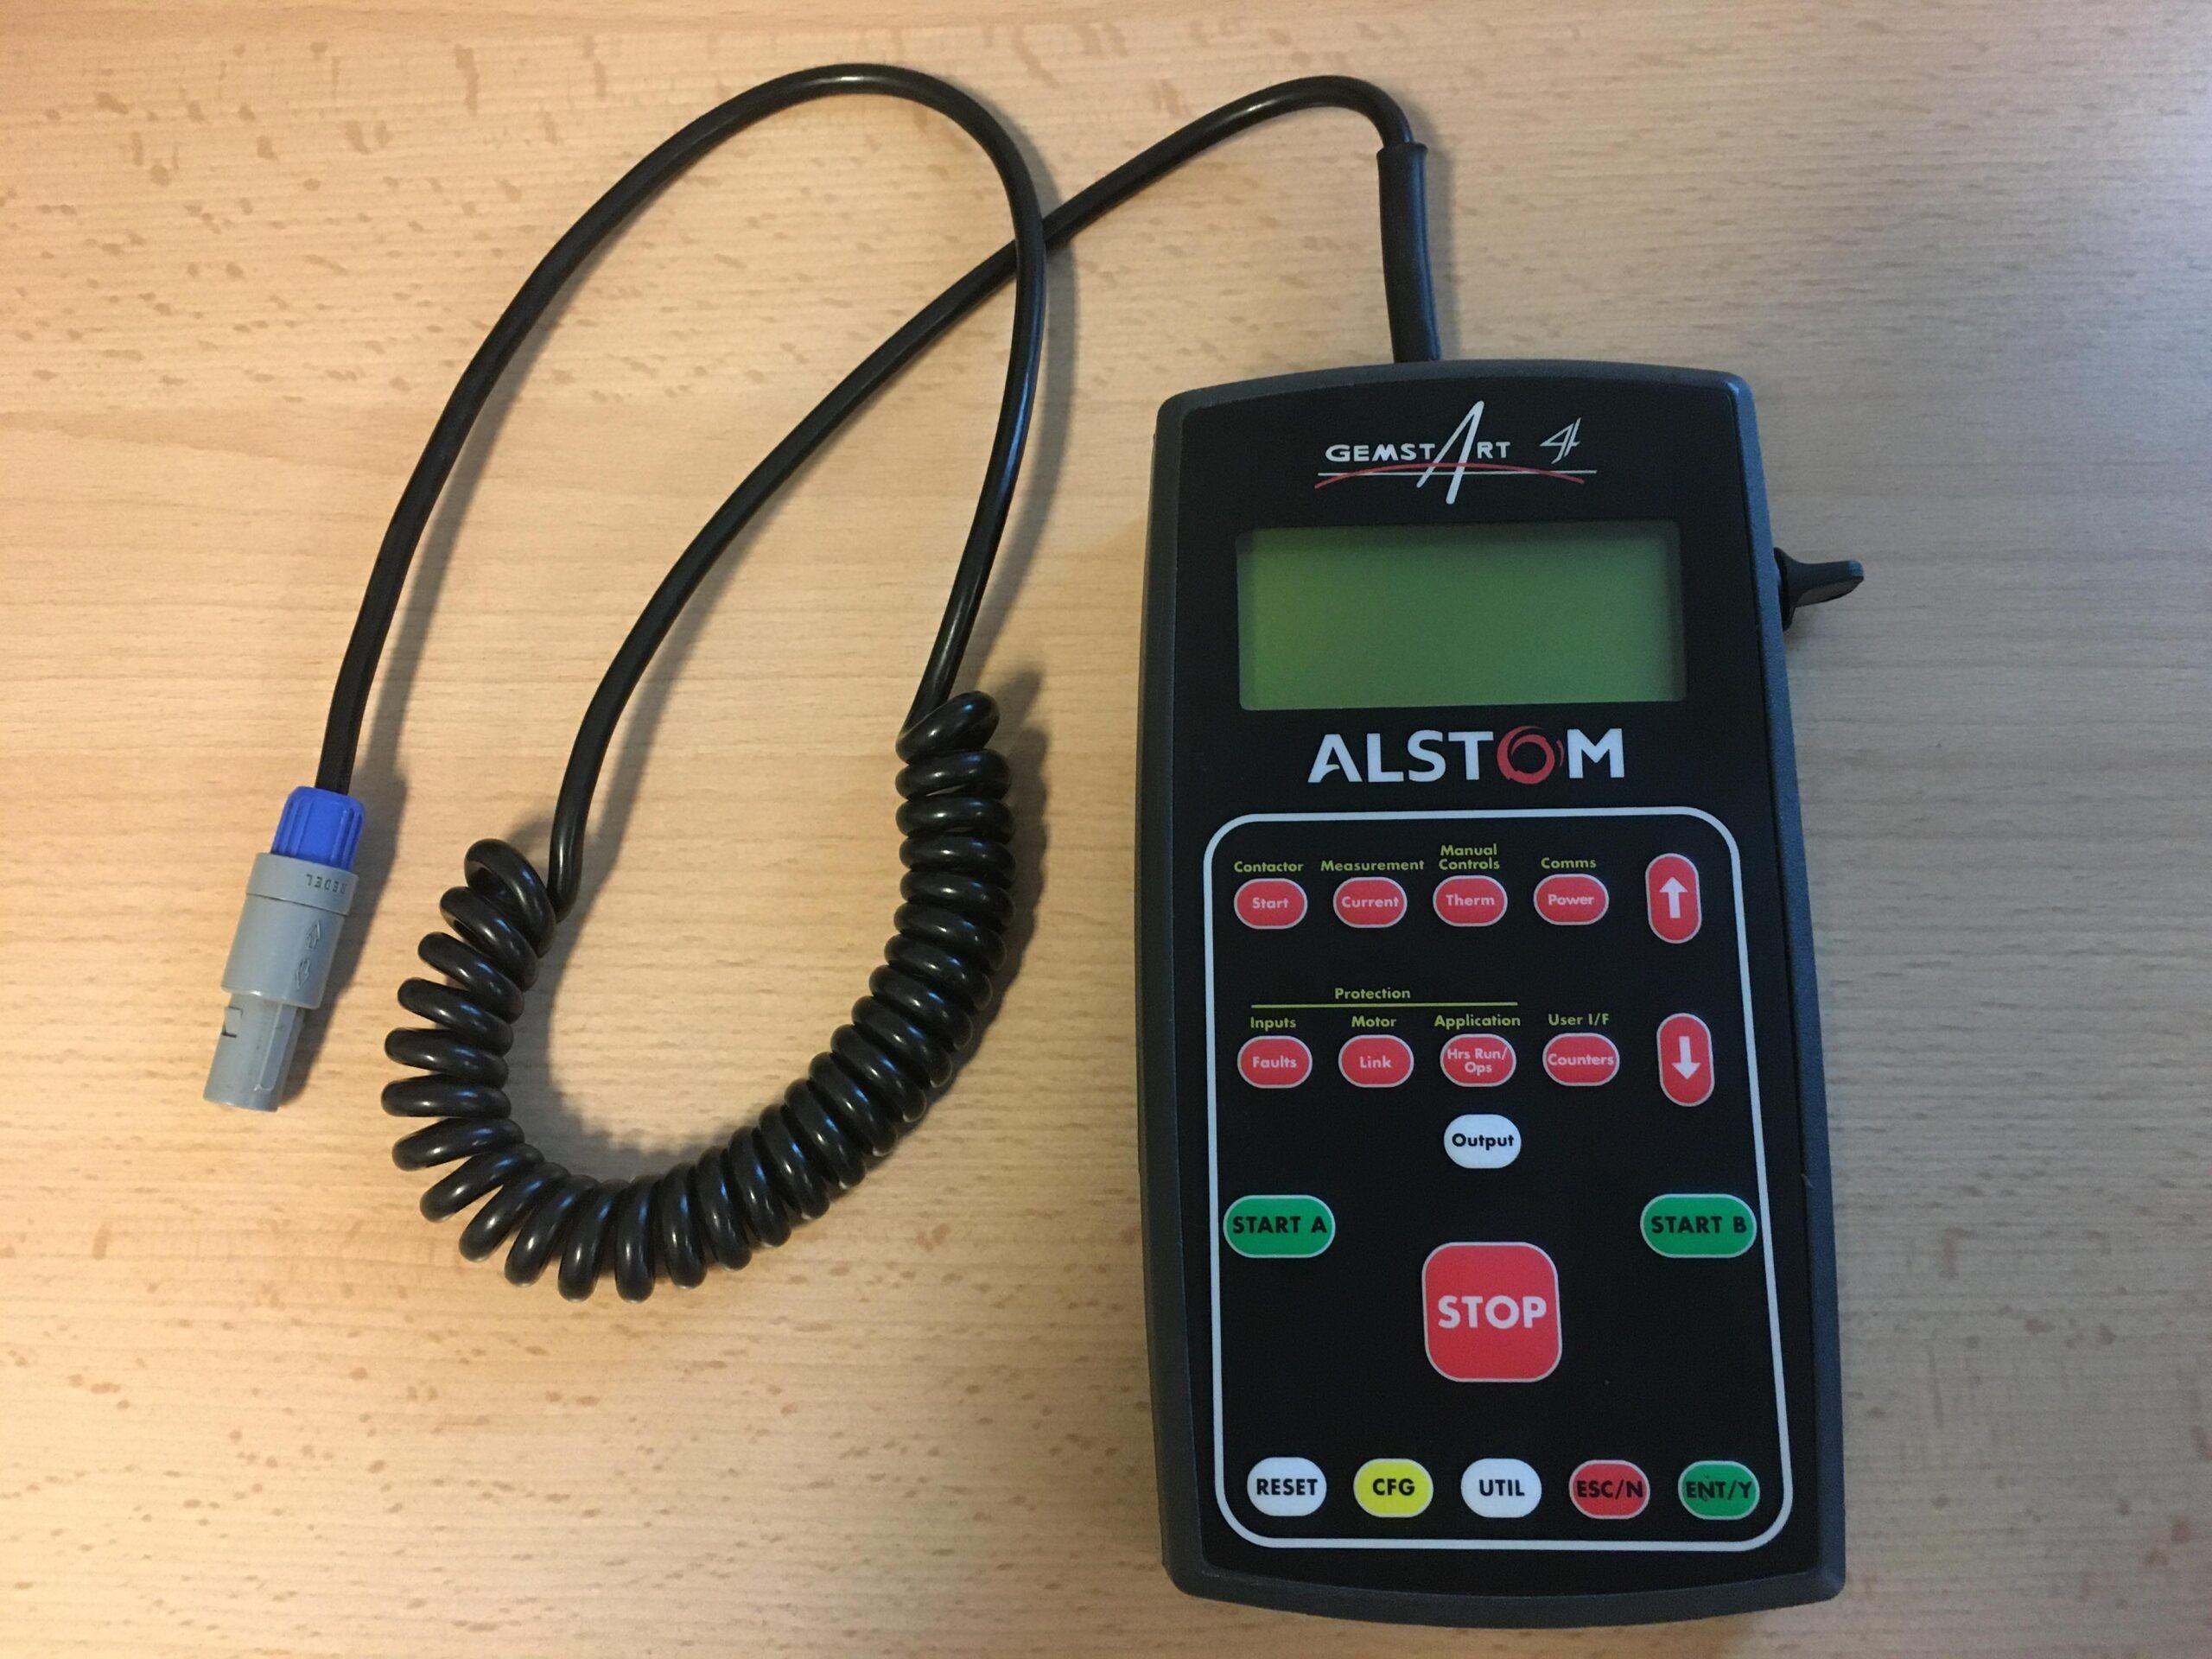 ALSTOM Gemstart 4 handheld device